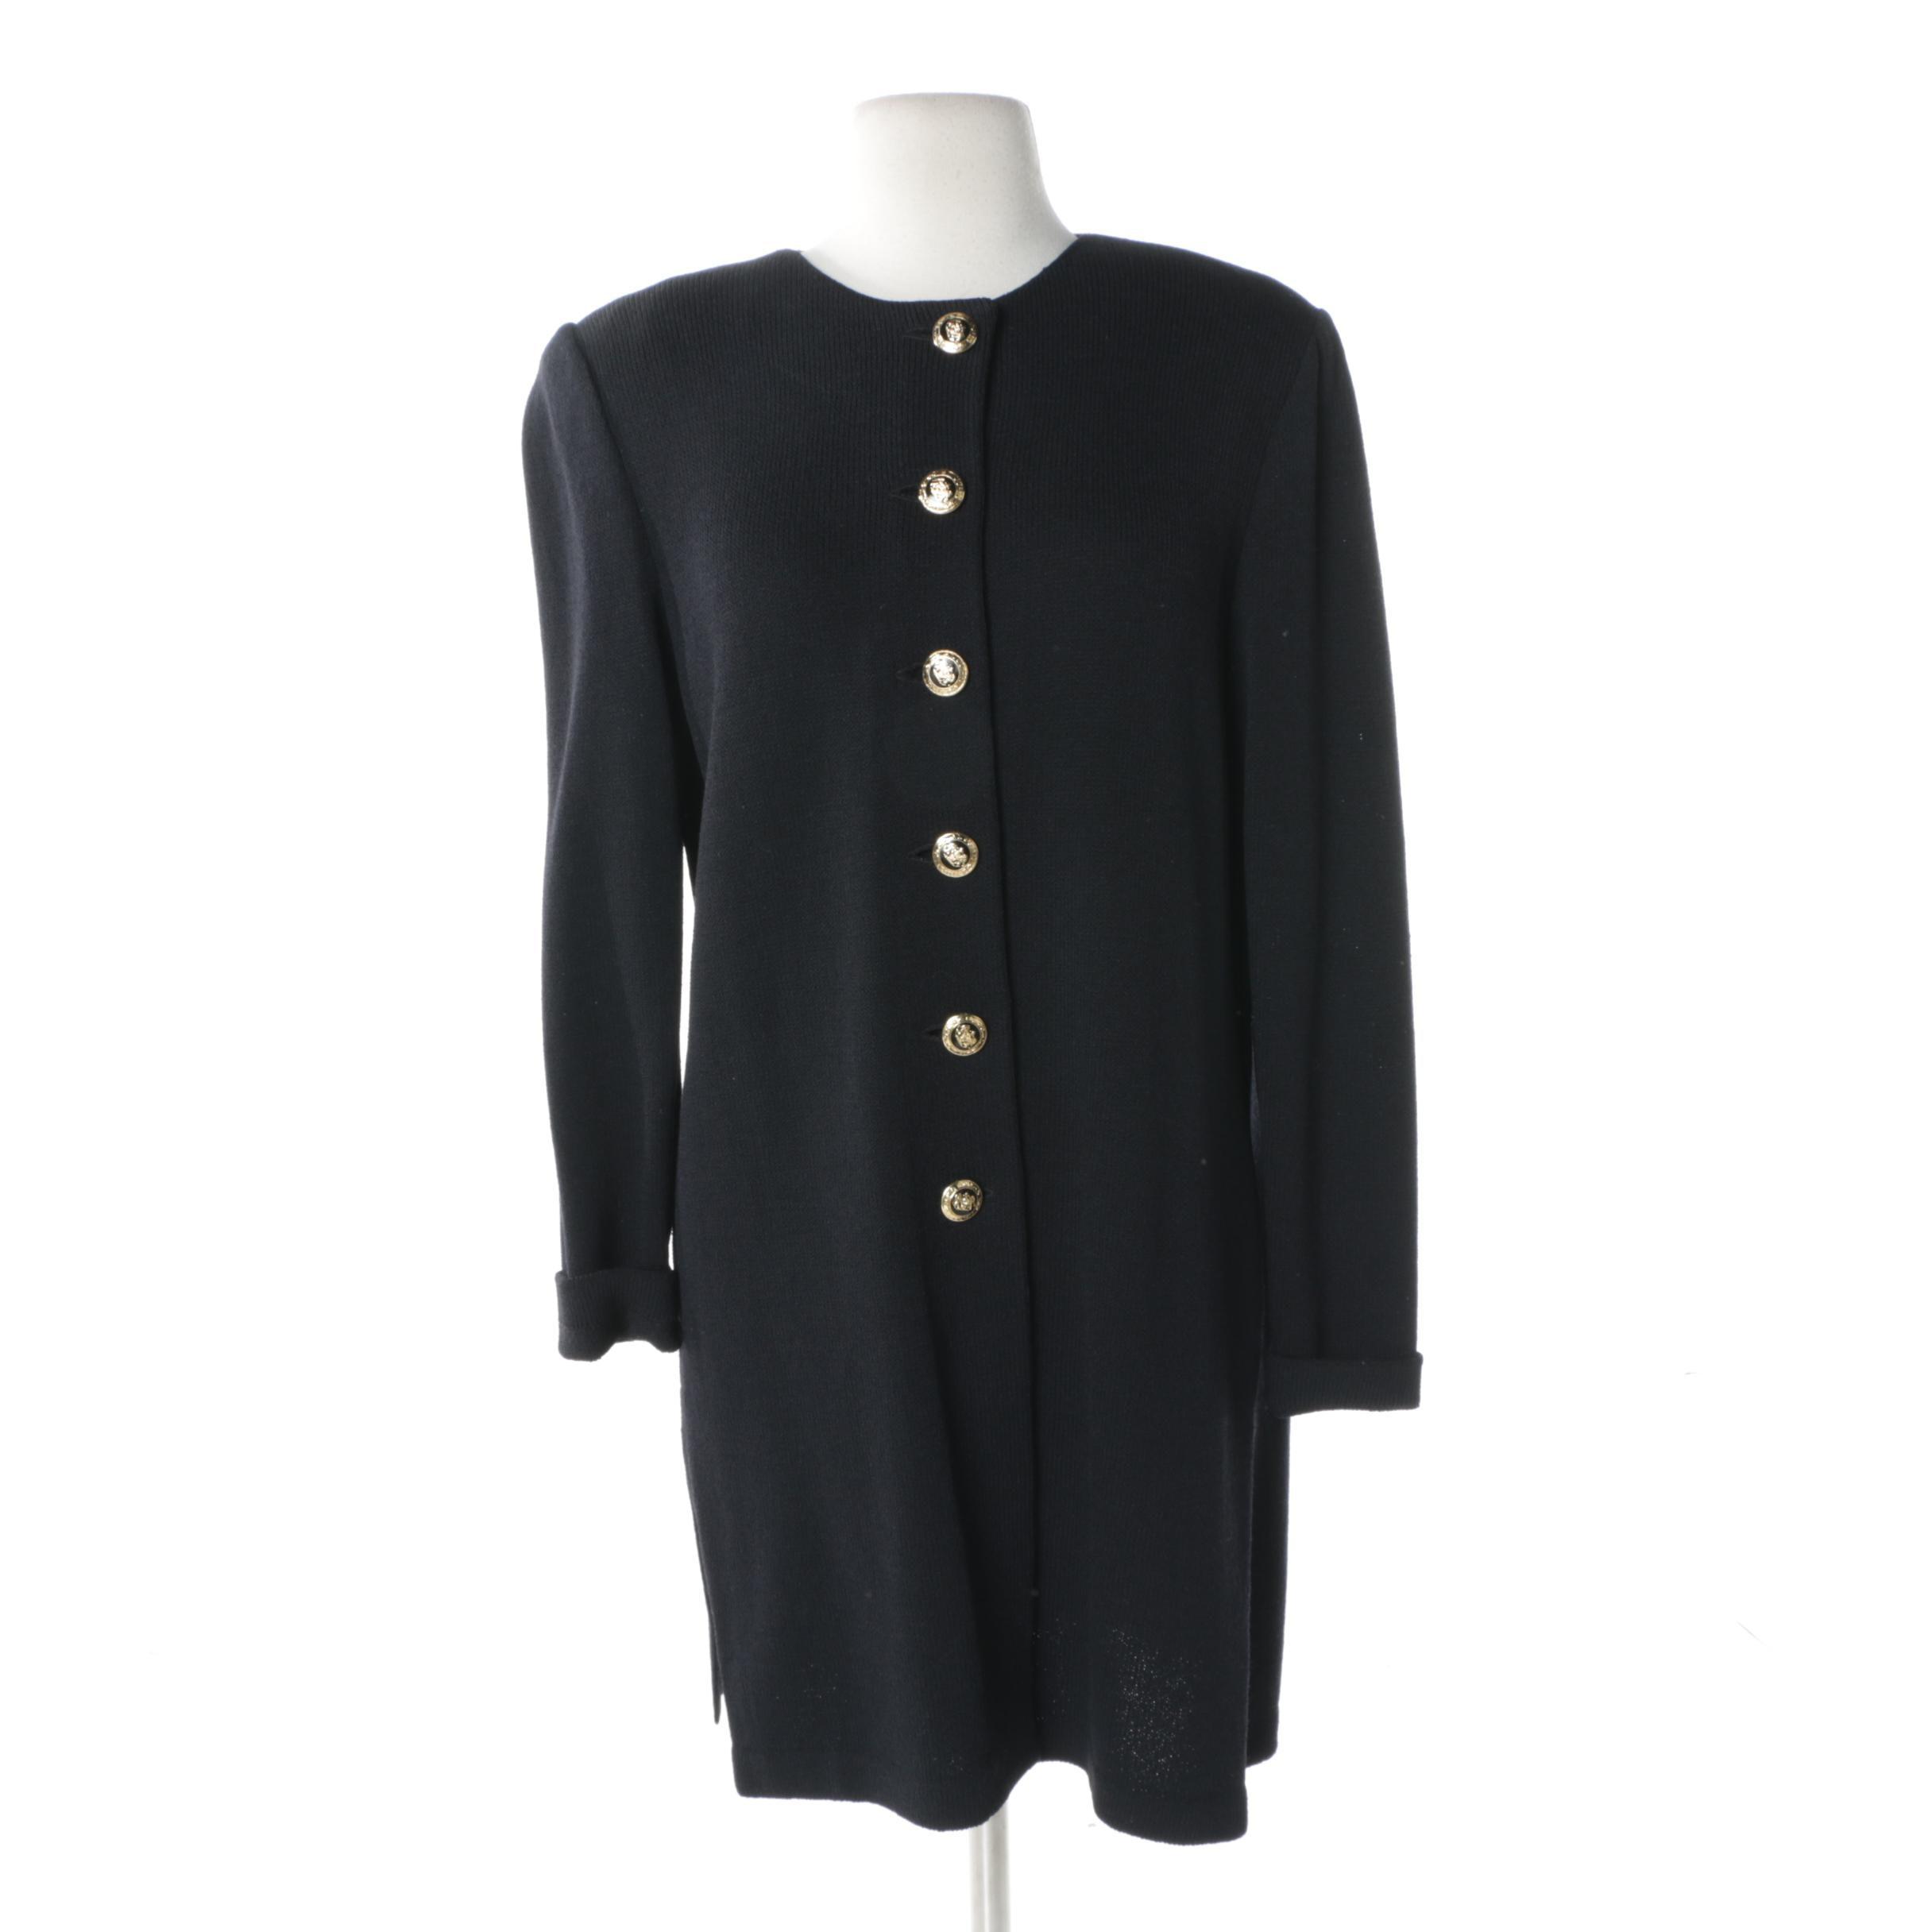 Women's St. John Basics Black Knit Dress